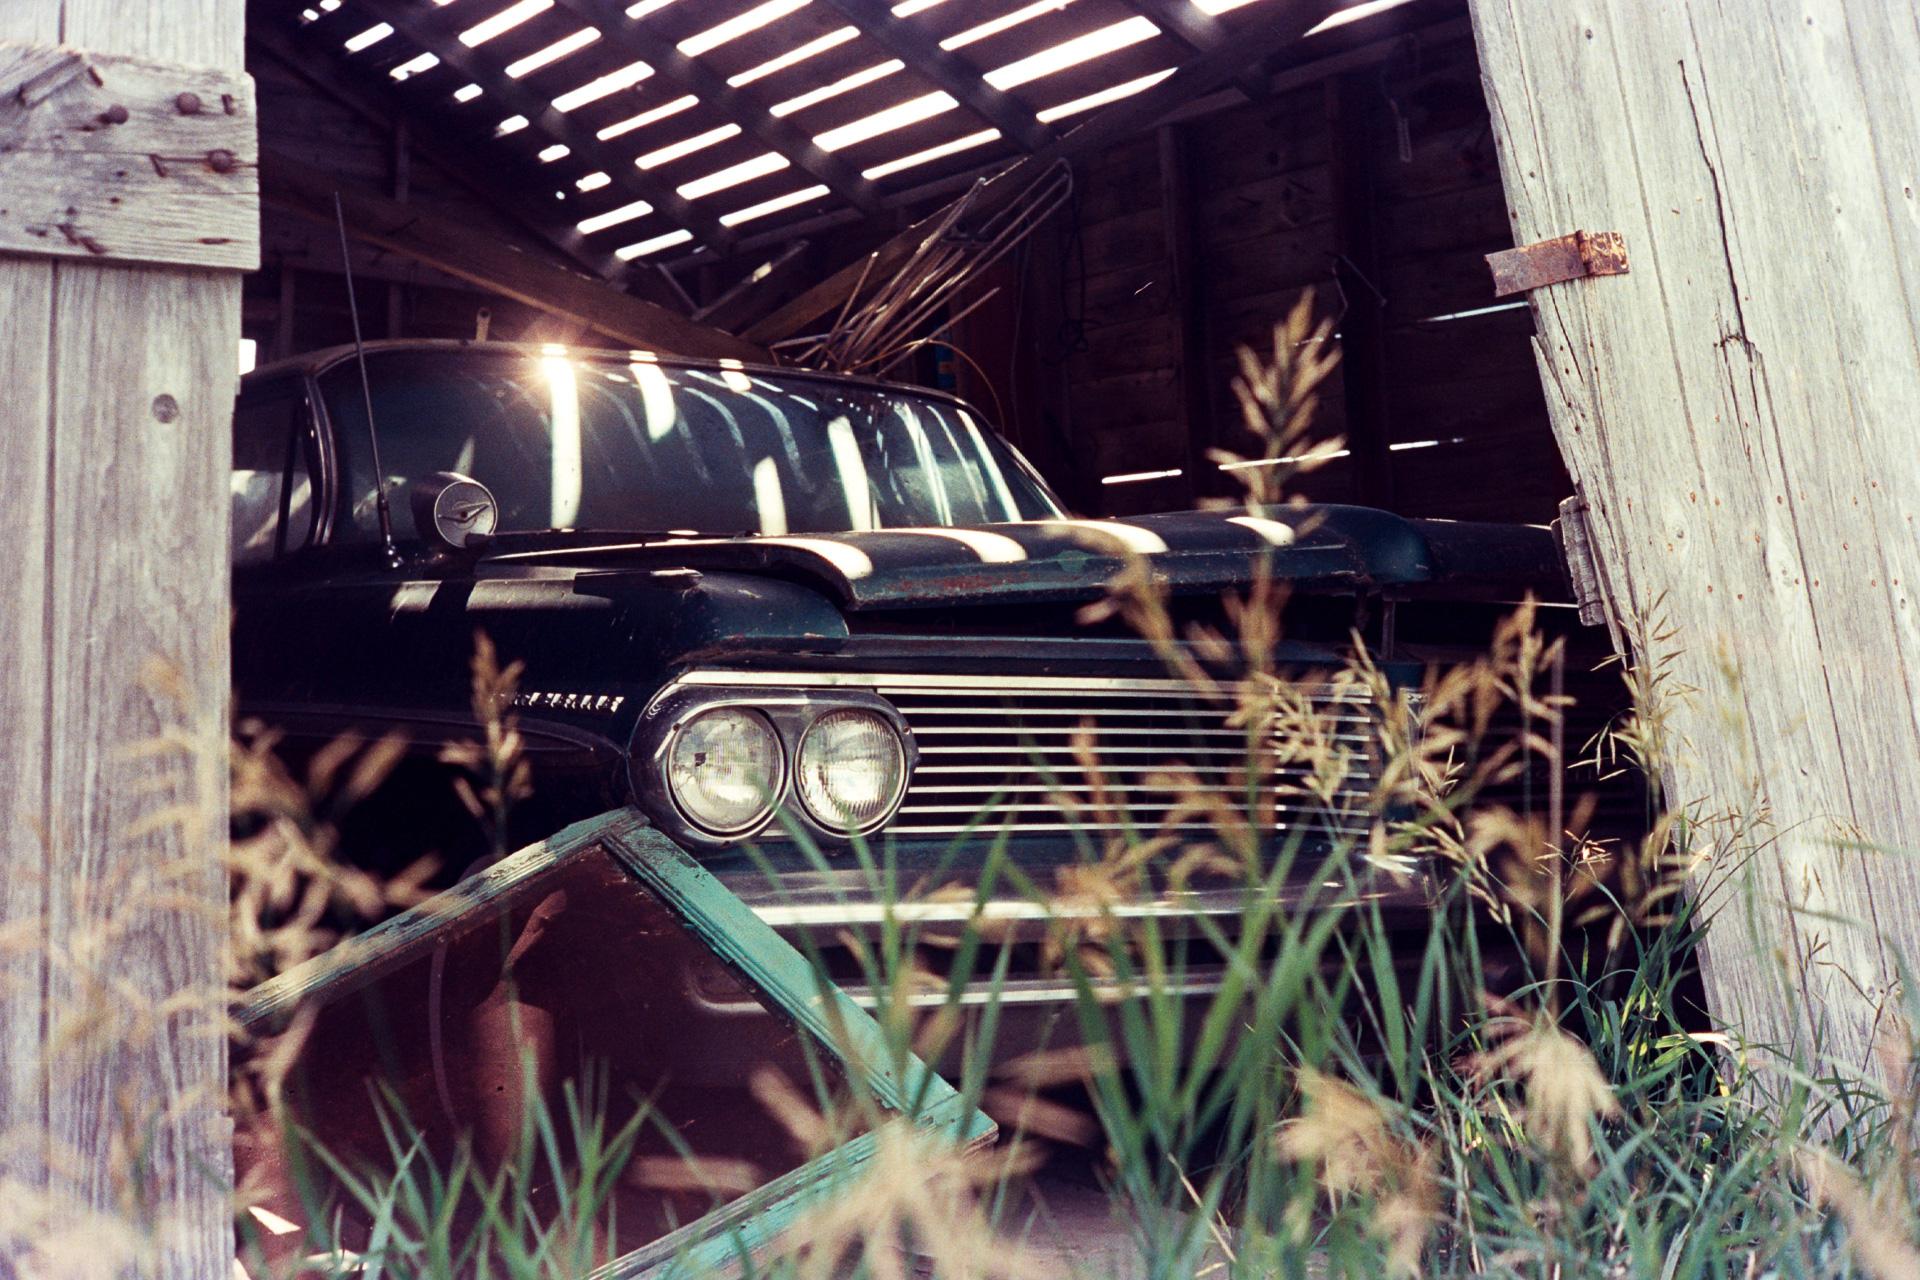 Stabled Pontiac No. 1